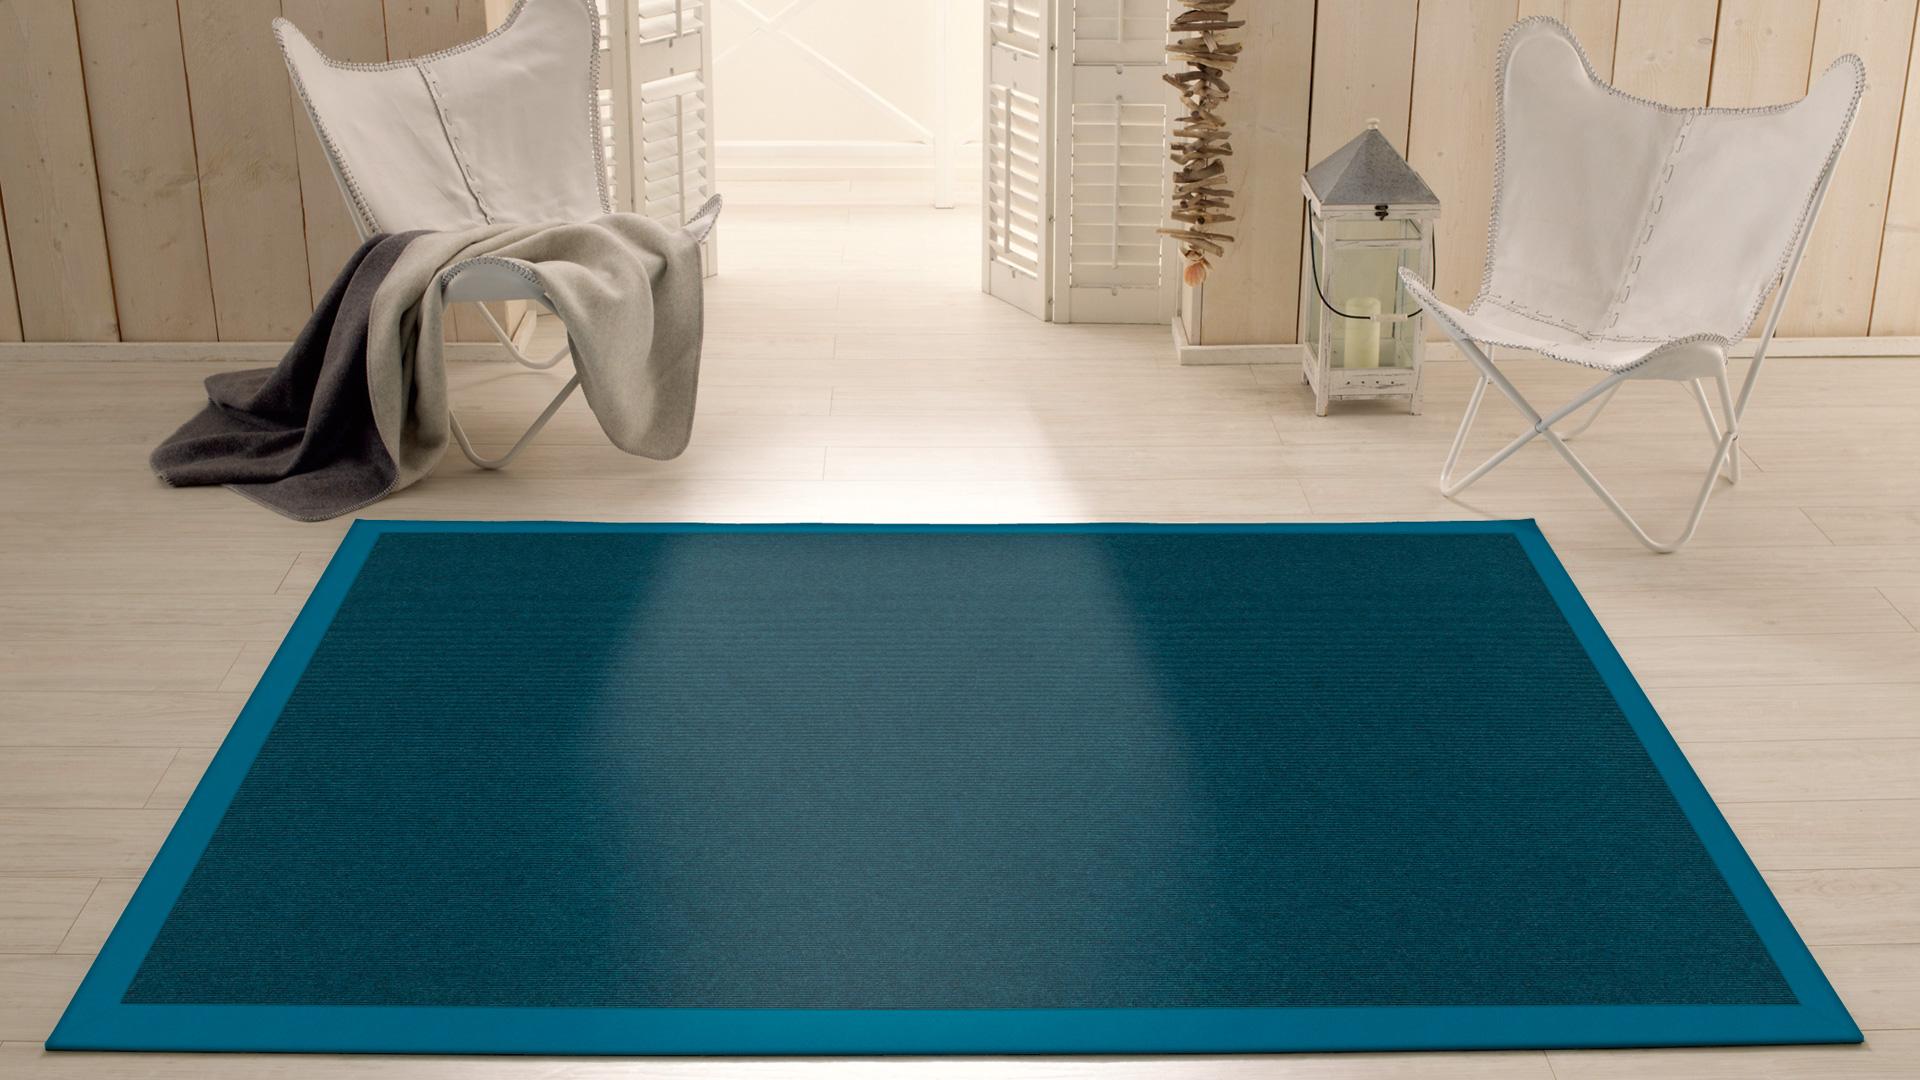 teppiche mit bordueren hersteller tretford hersteller. Black Bedroom Furniture Sets. Home Design Ideas